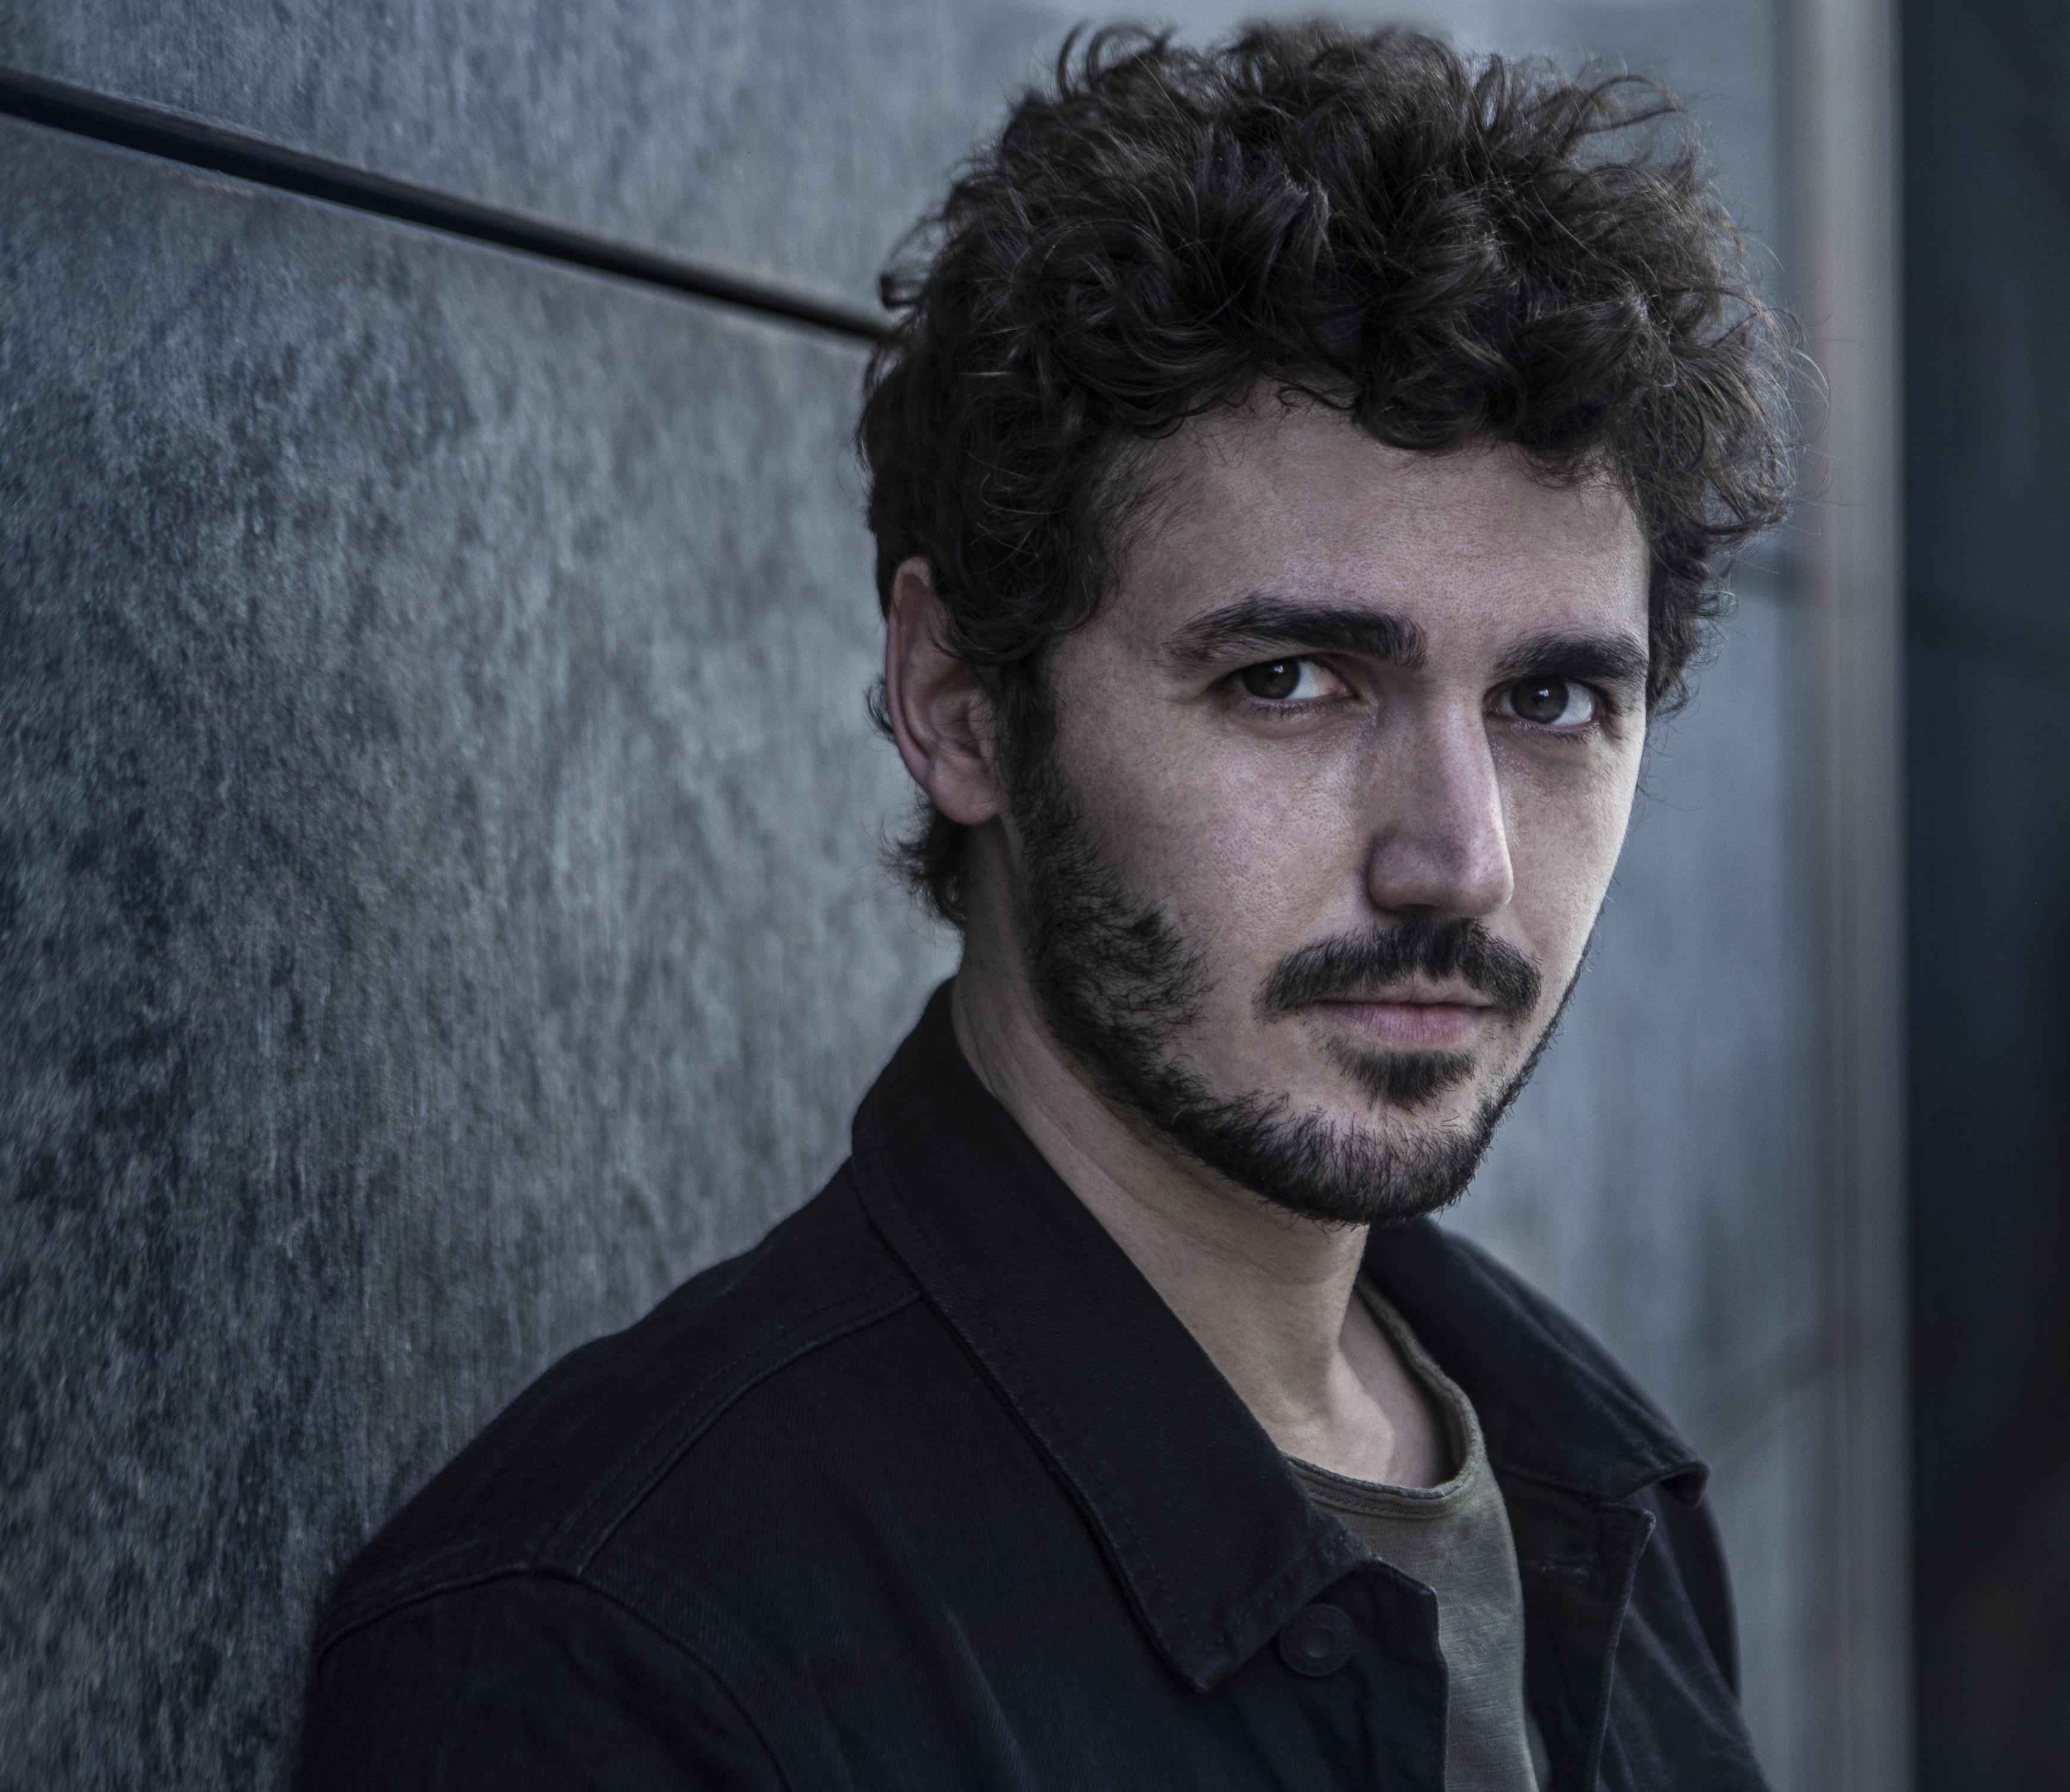 """Musica Italiana, Nuove Uscite. Andrea Vigentini: """"Un giorno semplice"""" prima dell'album d'esordio. VIDEO e TESTO"""